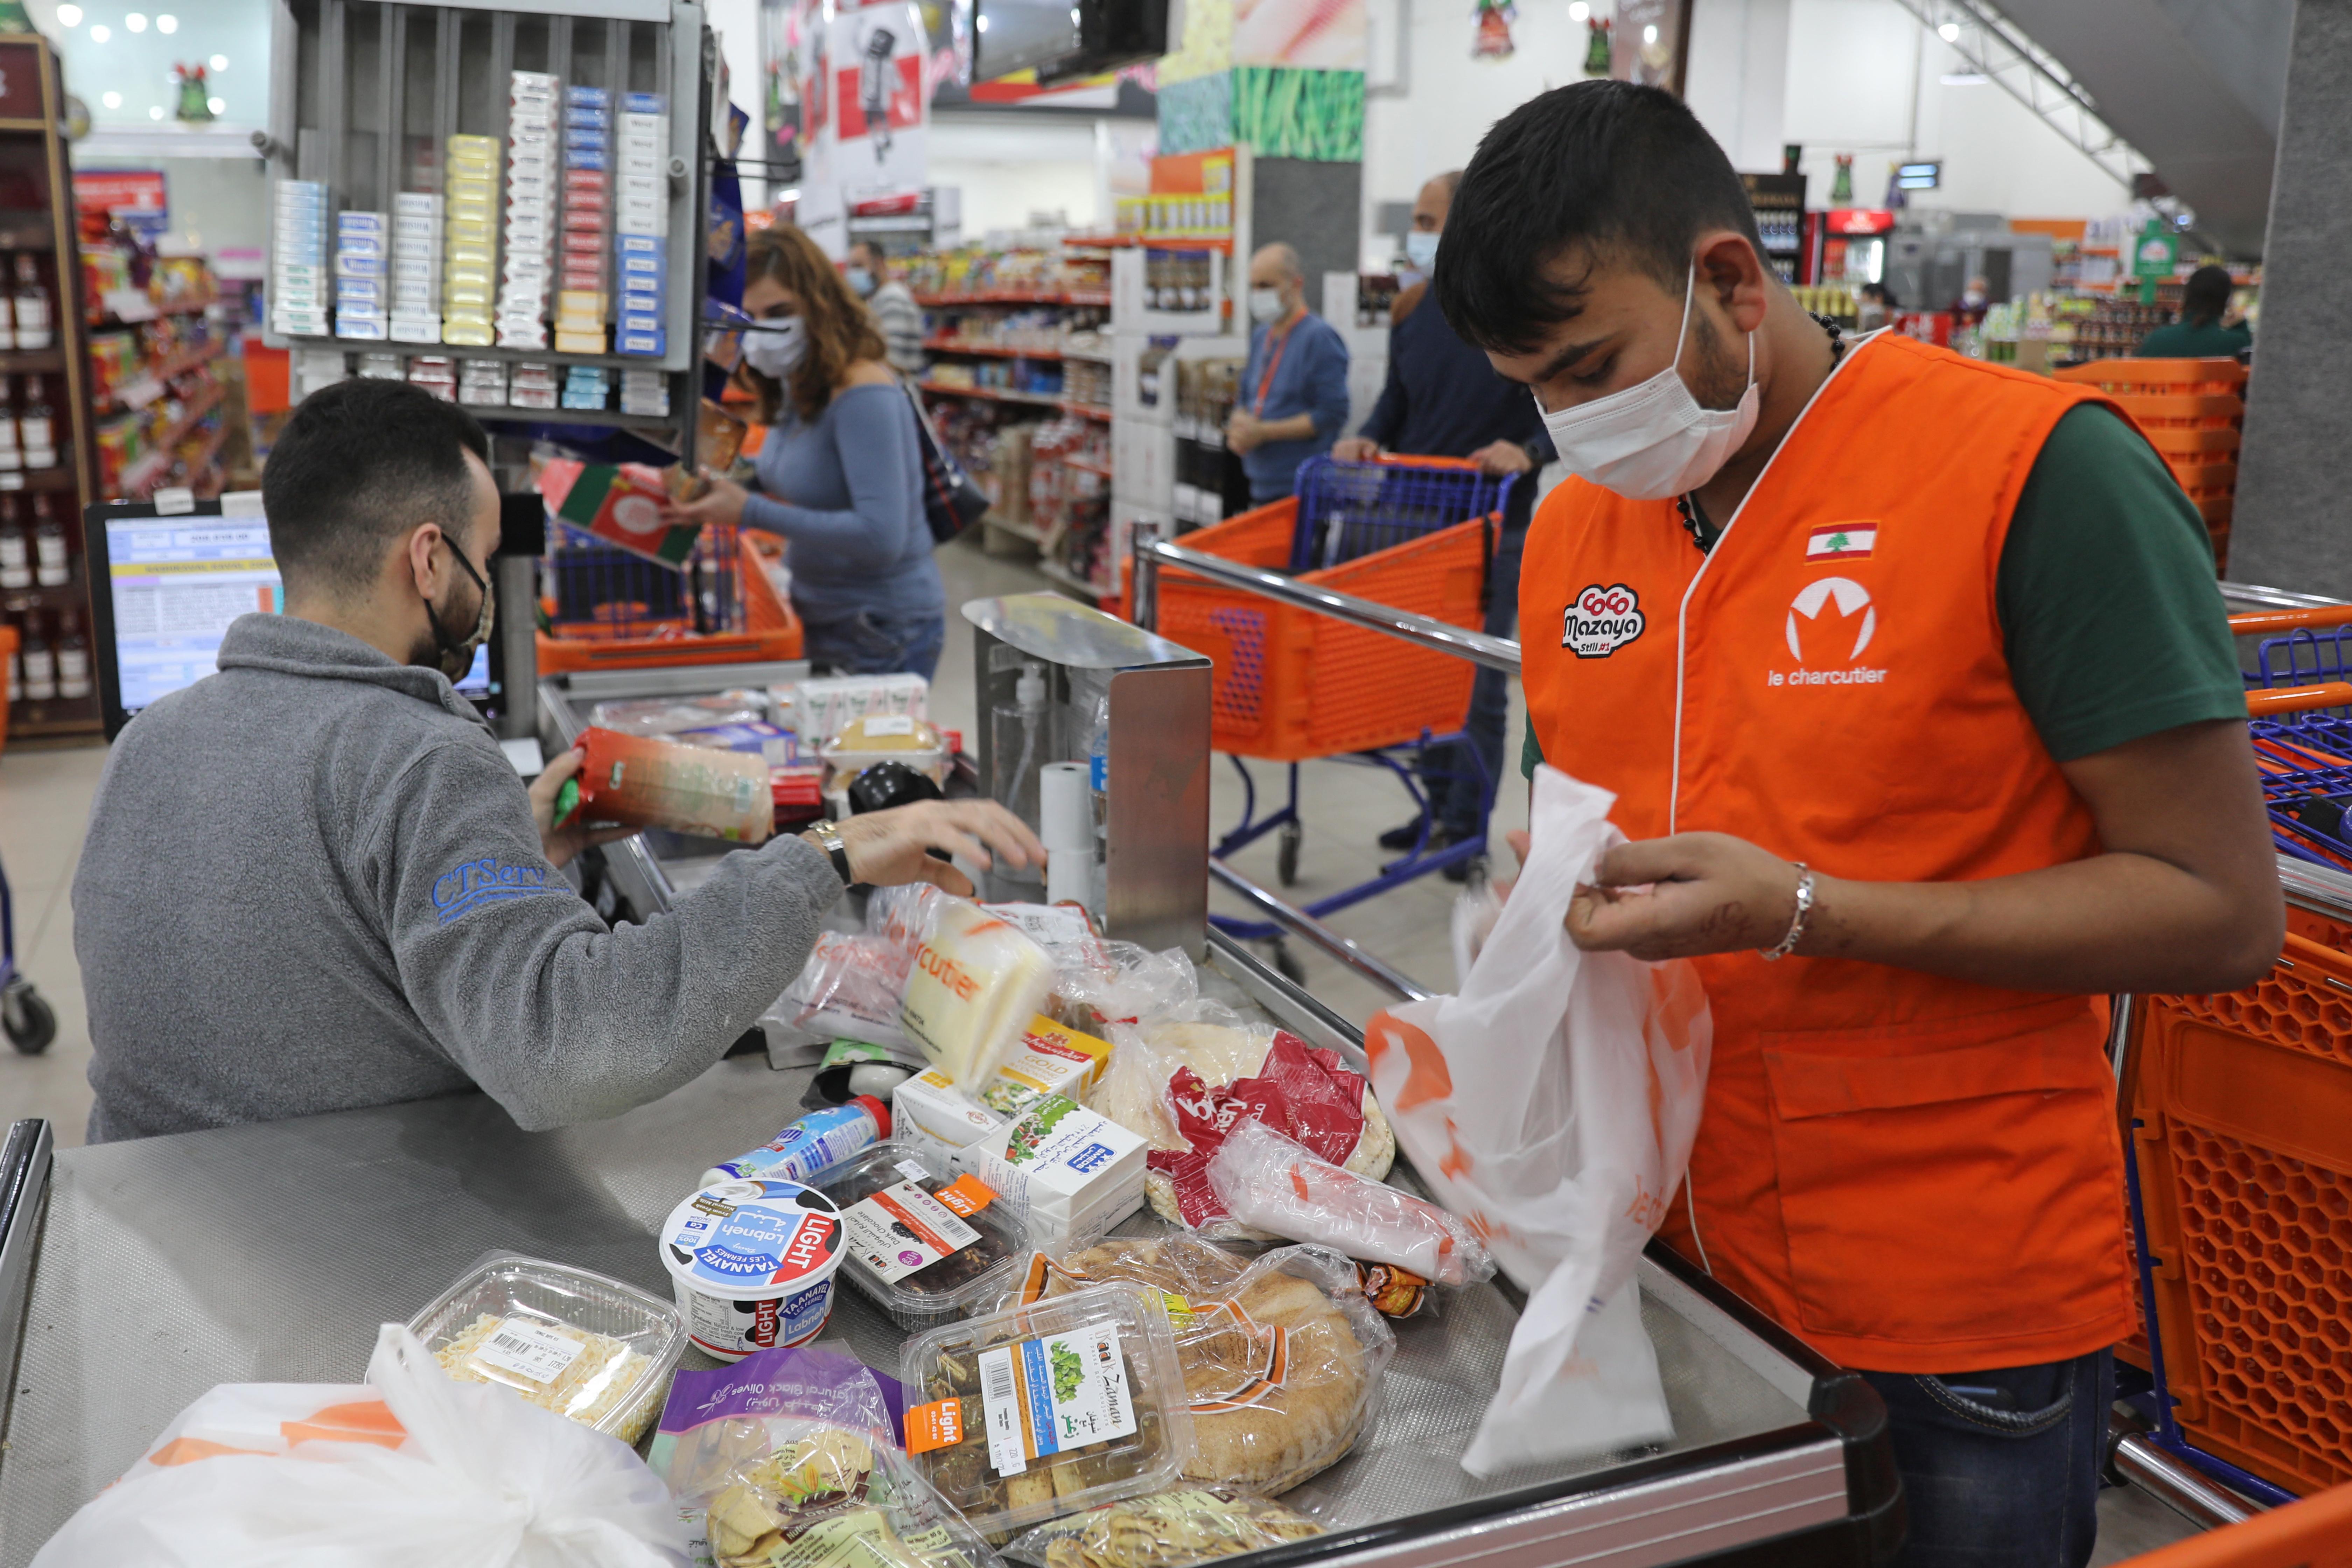 تقول التقارير الدولية إن أكثر من نصف اللبنانيين أصبحوا تحت خط الفقر